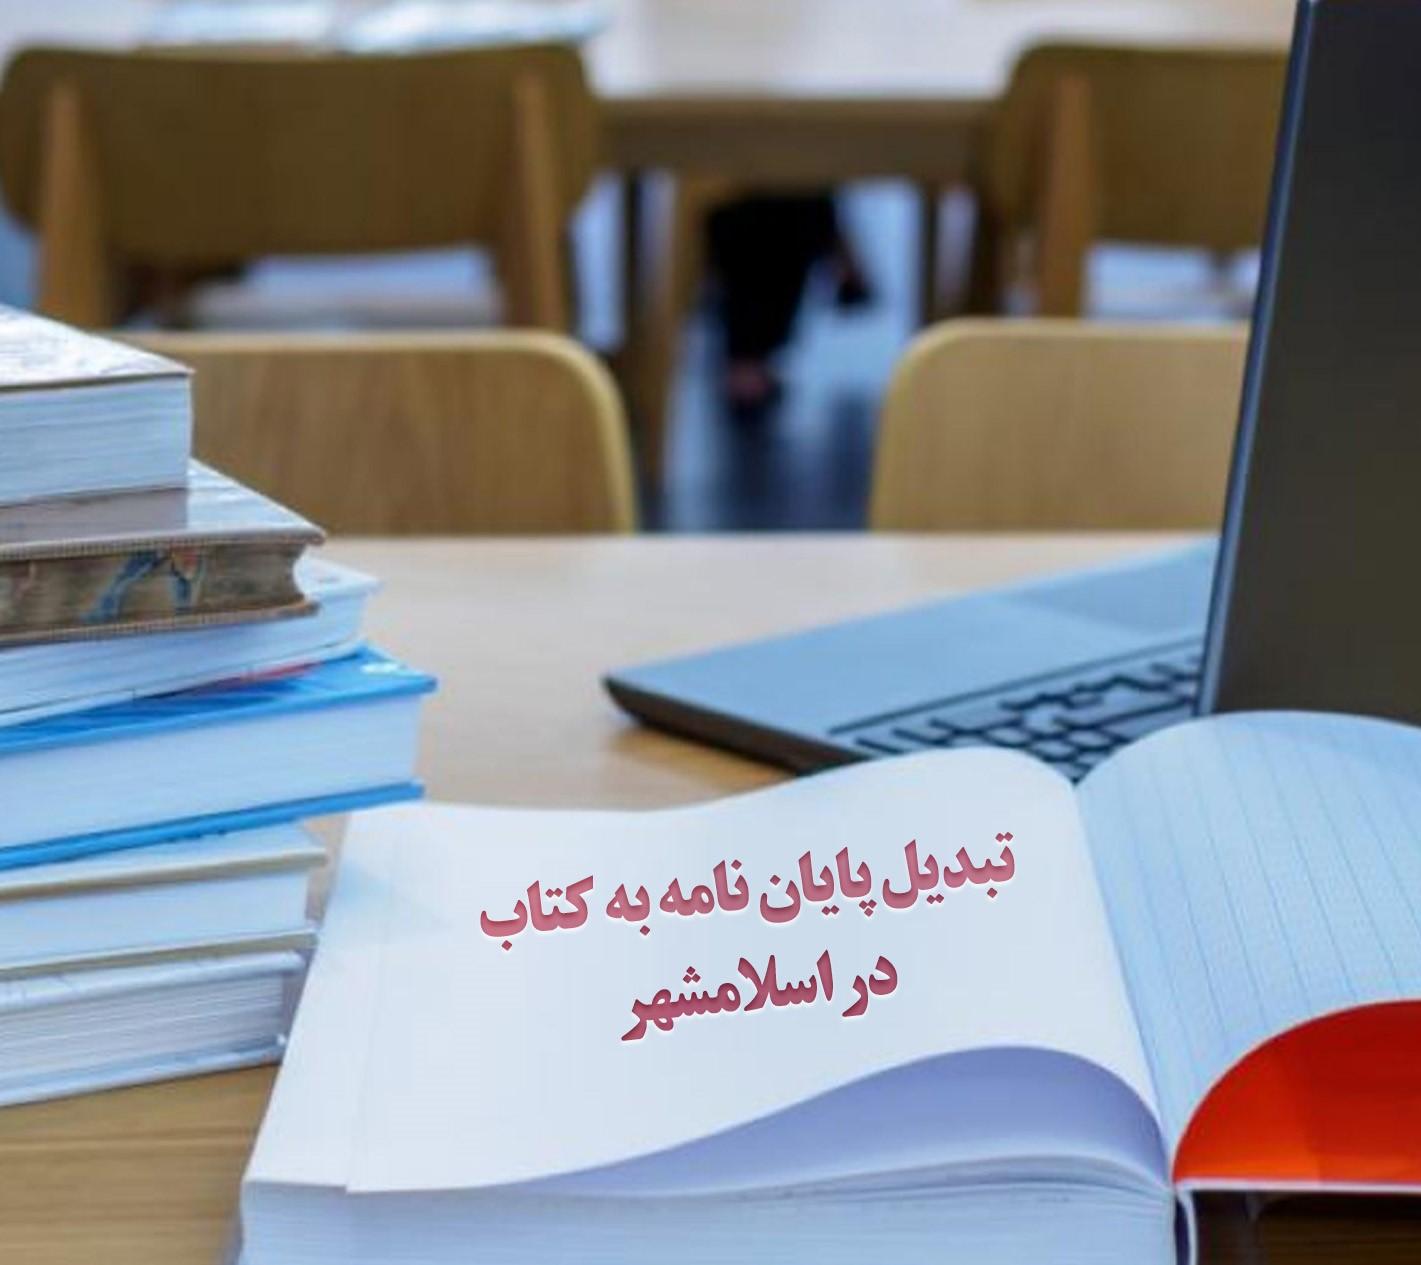 تبدیل پایان نامه به کتاب در اسلامشهر با بهترین شرایط